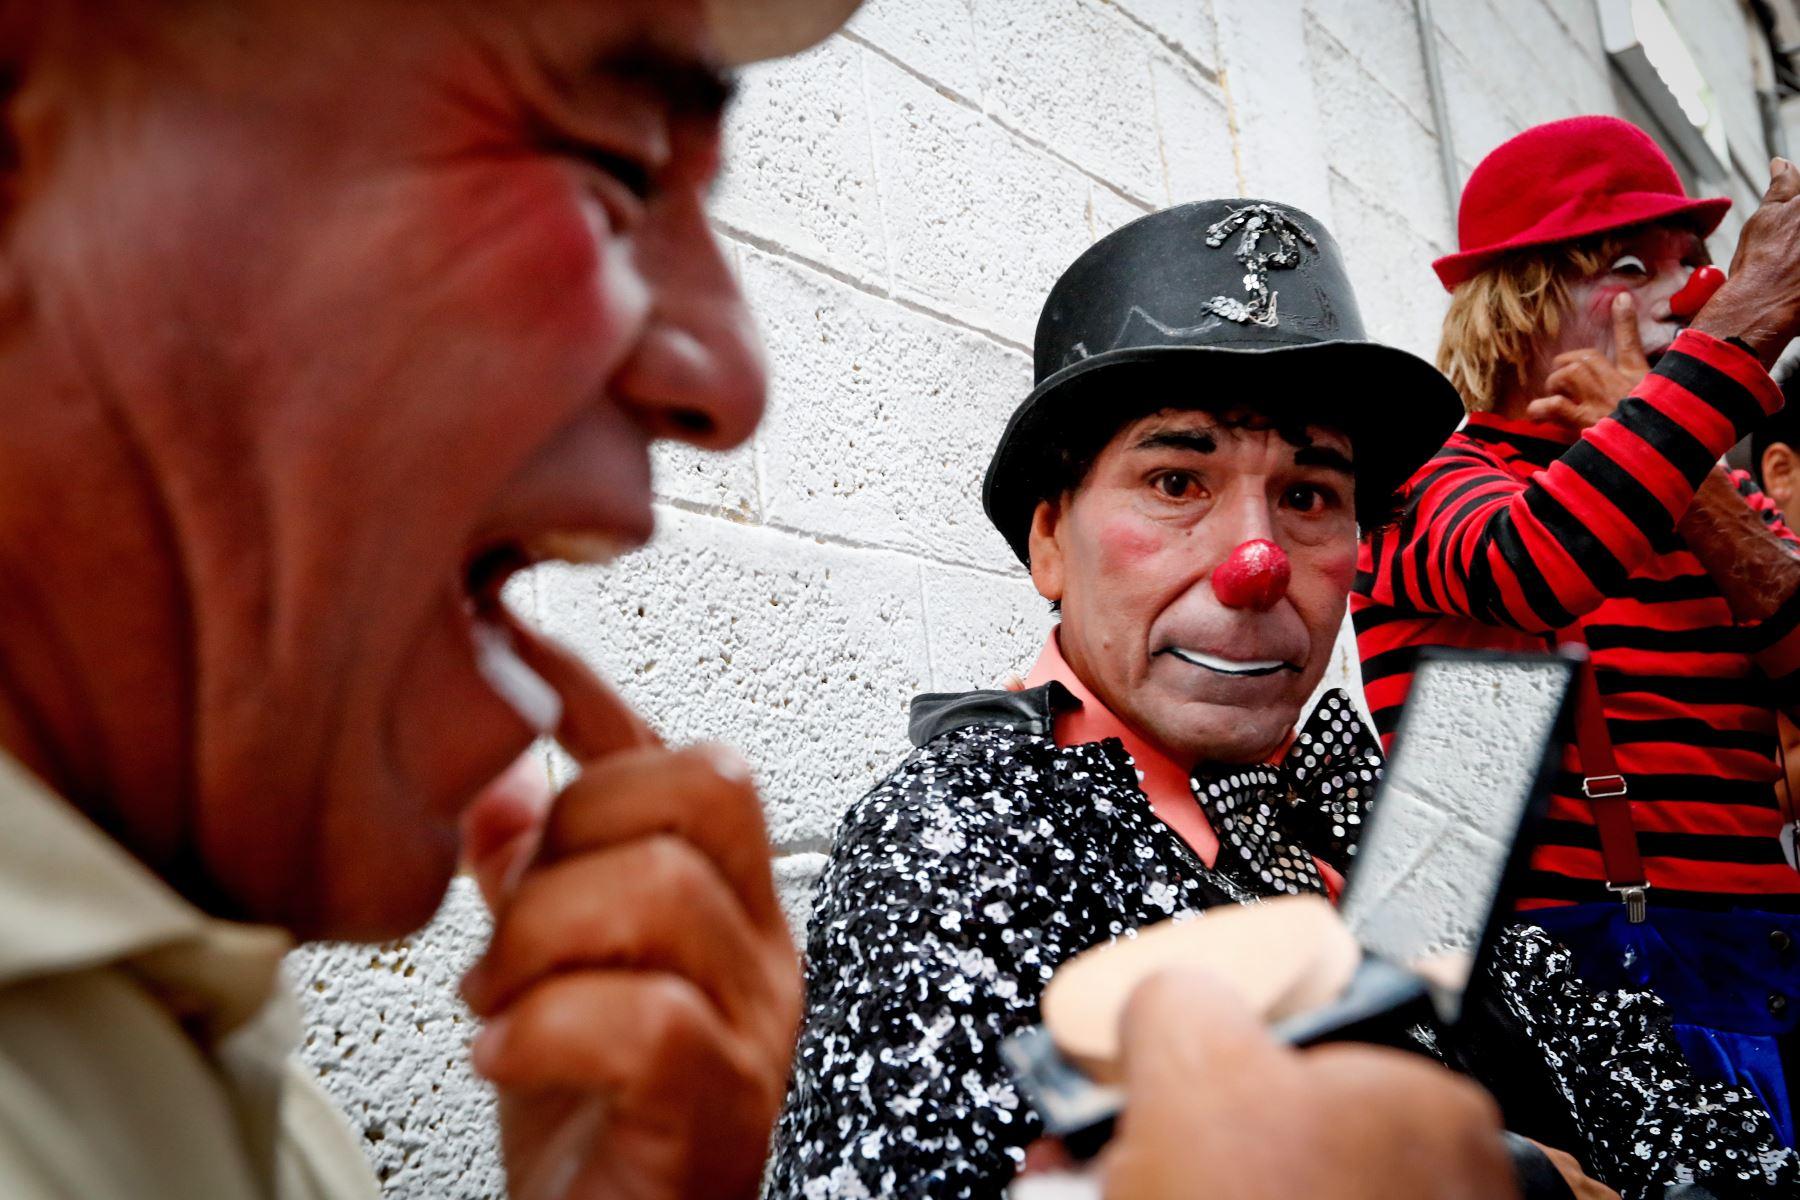 """Los payasos """"Corazoncito"""", """"Chiquilin"""" y """"Piojito"""" se alistan para el homenaje a Ricardo Farfán, conocido en el ambiente artístico como el payaso """"Pitito"""" por sus 96 años. Foto: ANDINA/Carlos Lezama"""